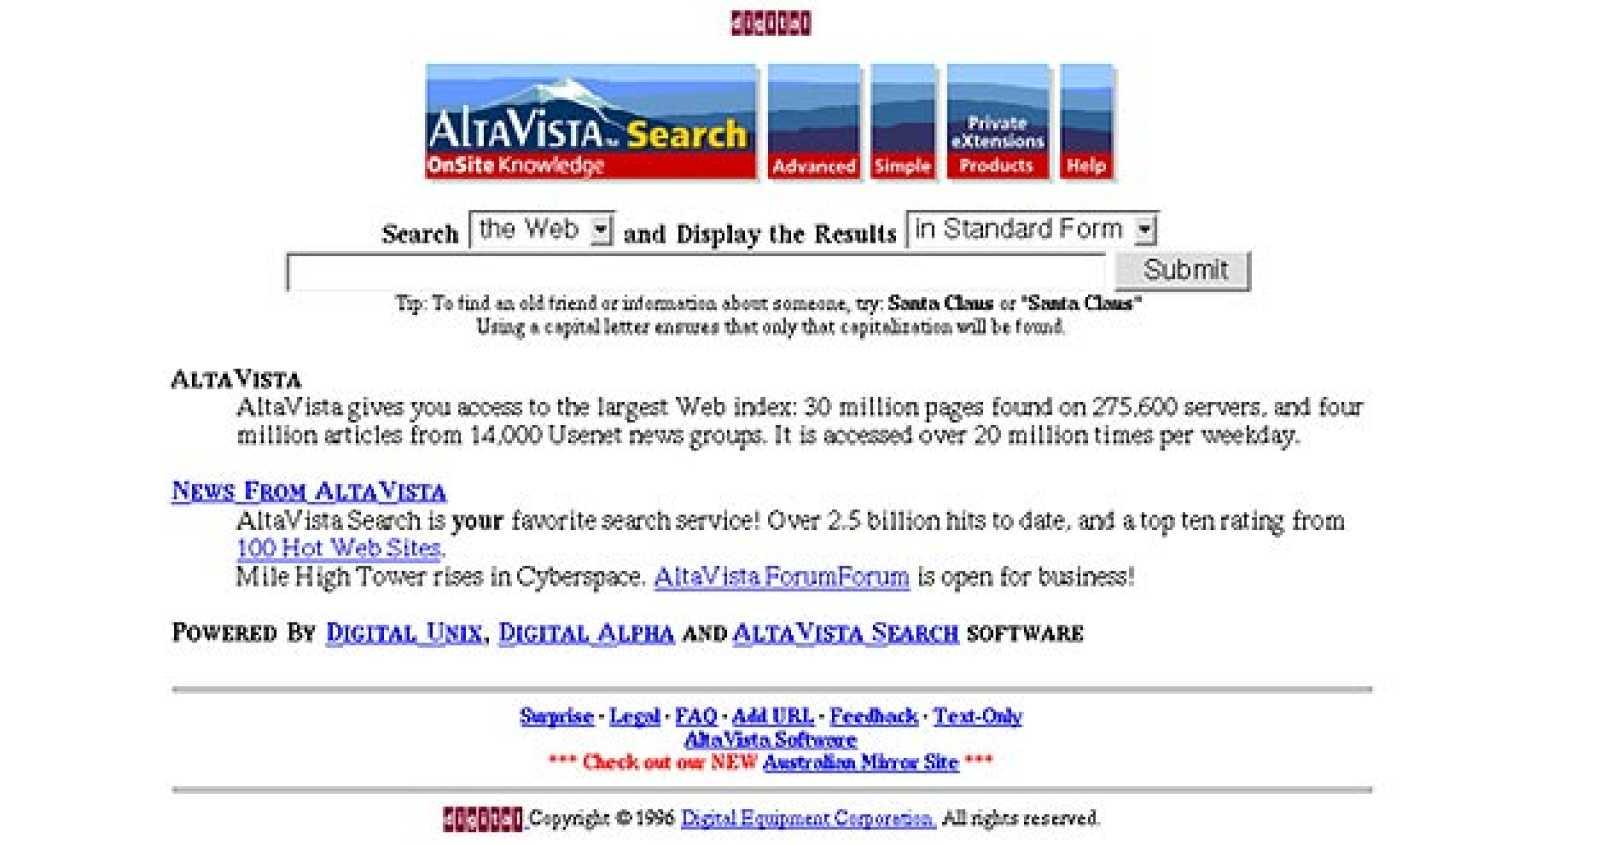 Portada de Altavista en 1996